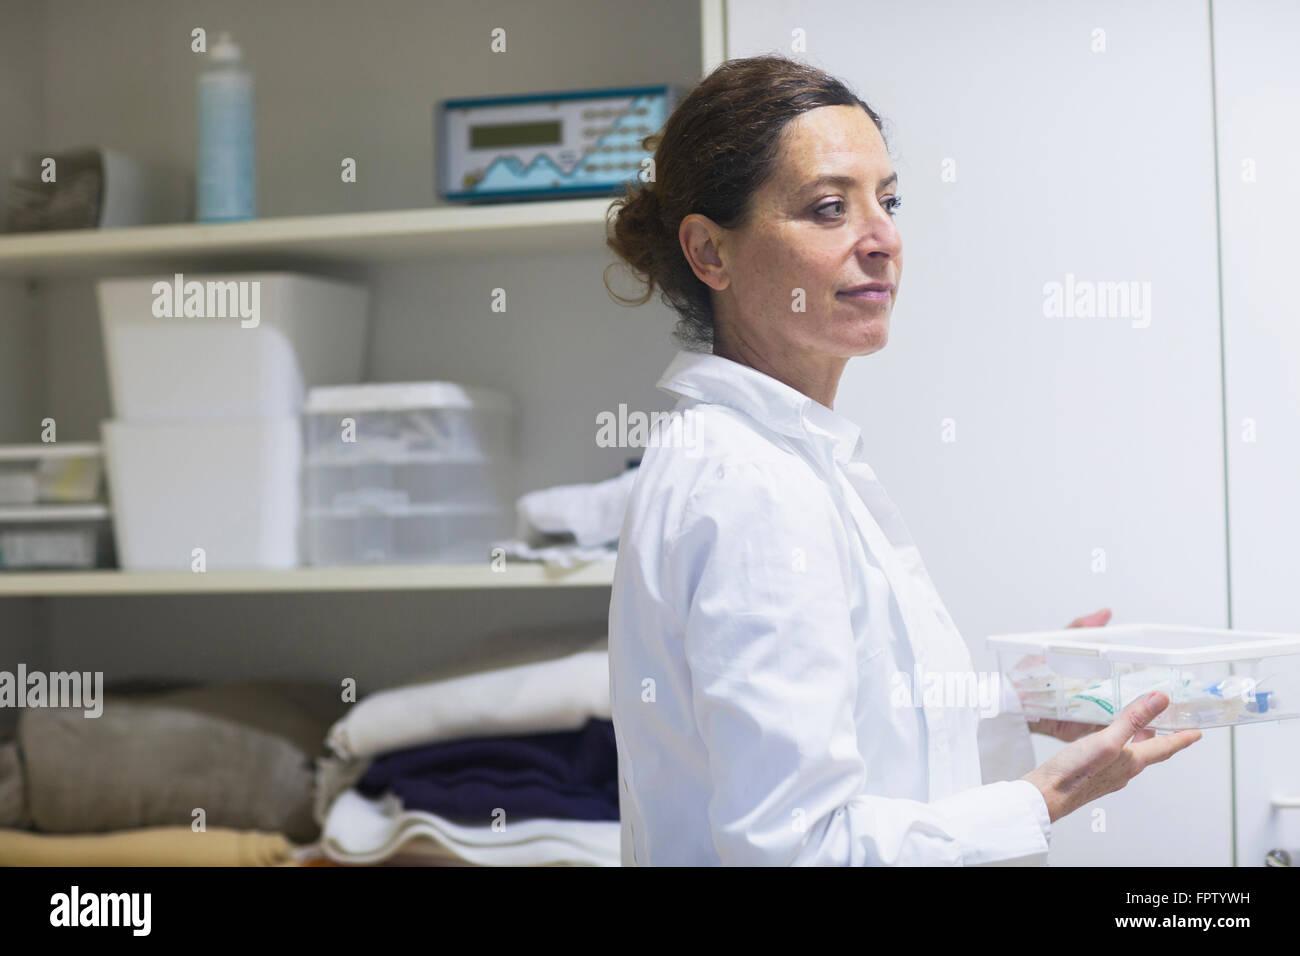 Ärztin, hält eine Medizin-Box, Freiburg Im Breisgau, Baden-Württemberg, Deutschland Stockbild